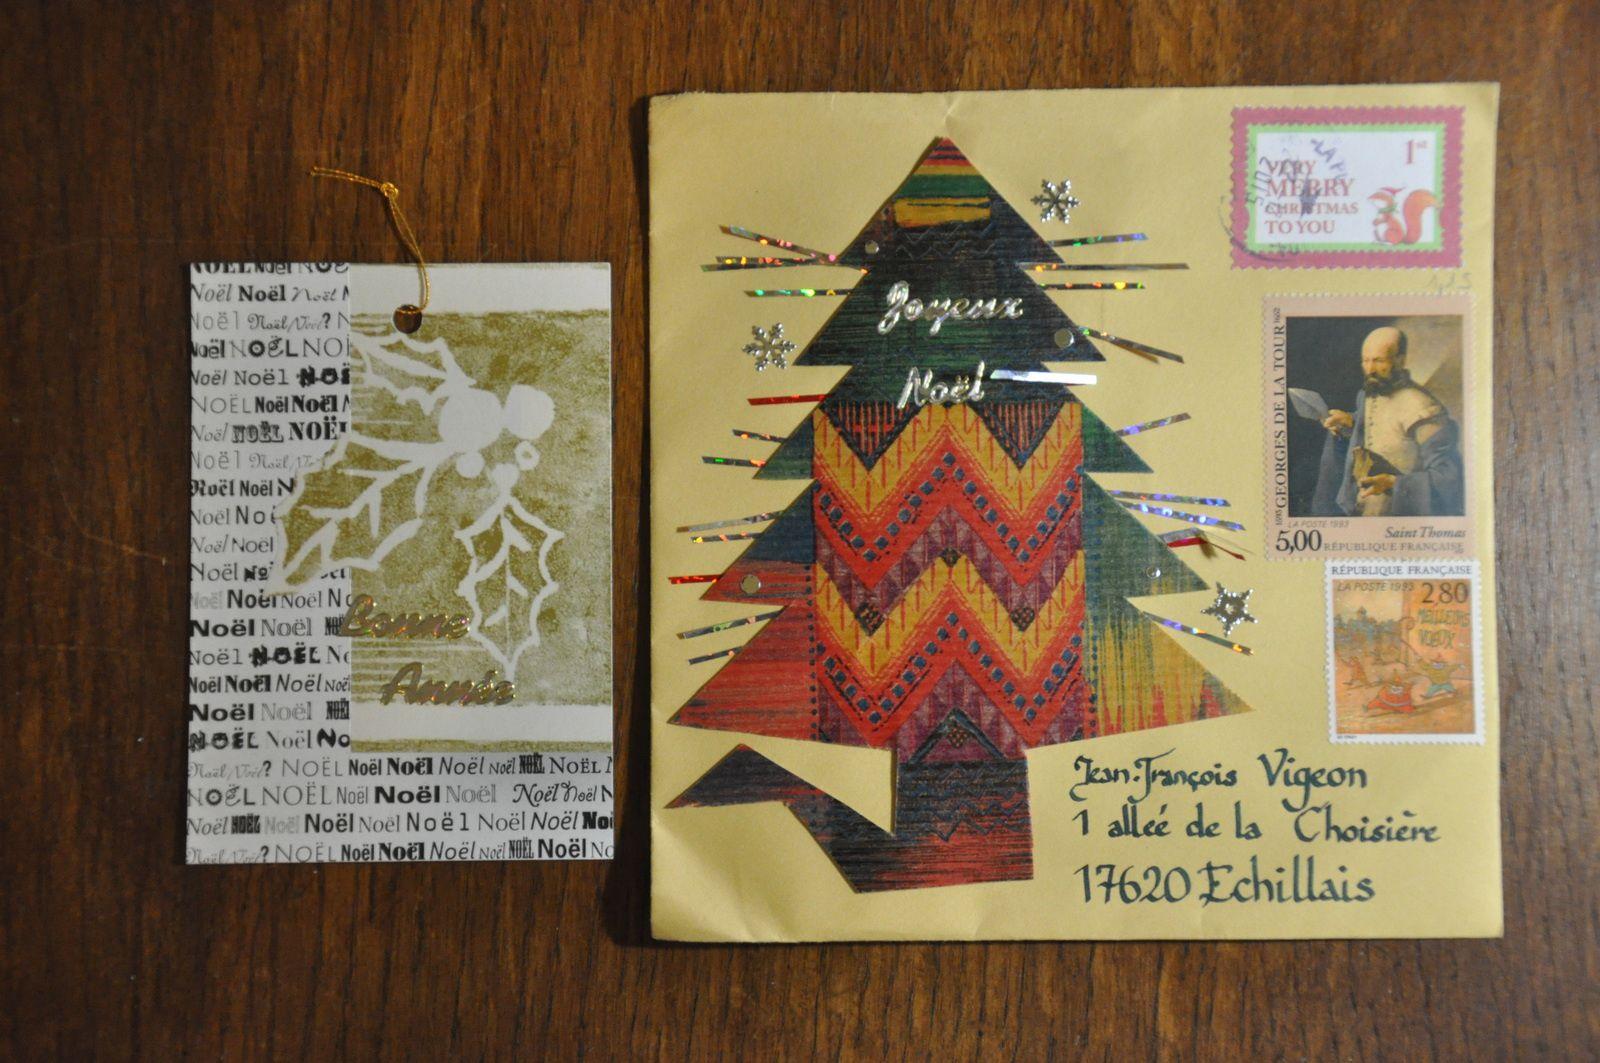 Reçu de Marie Fenianos cette belle enveloppe et ces deux A.T.C! Cela tombe bien car j'y prends  goût! MERCI!